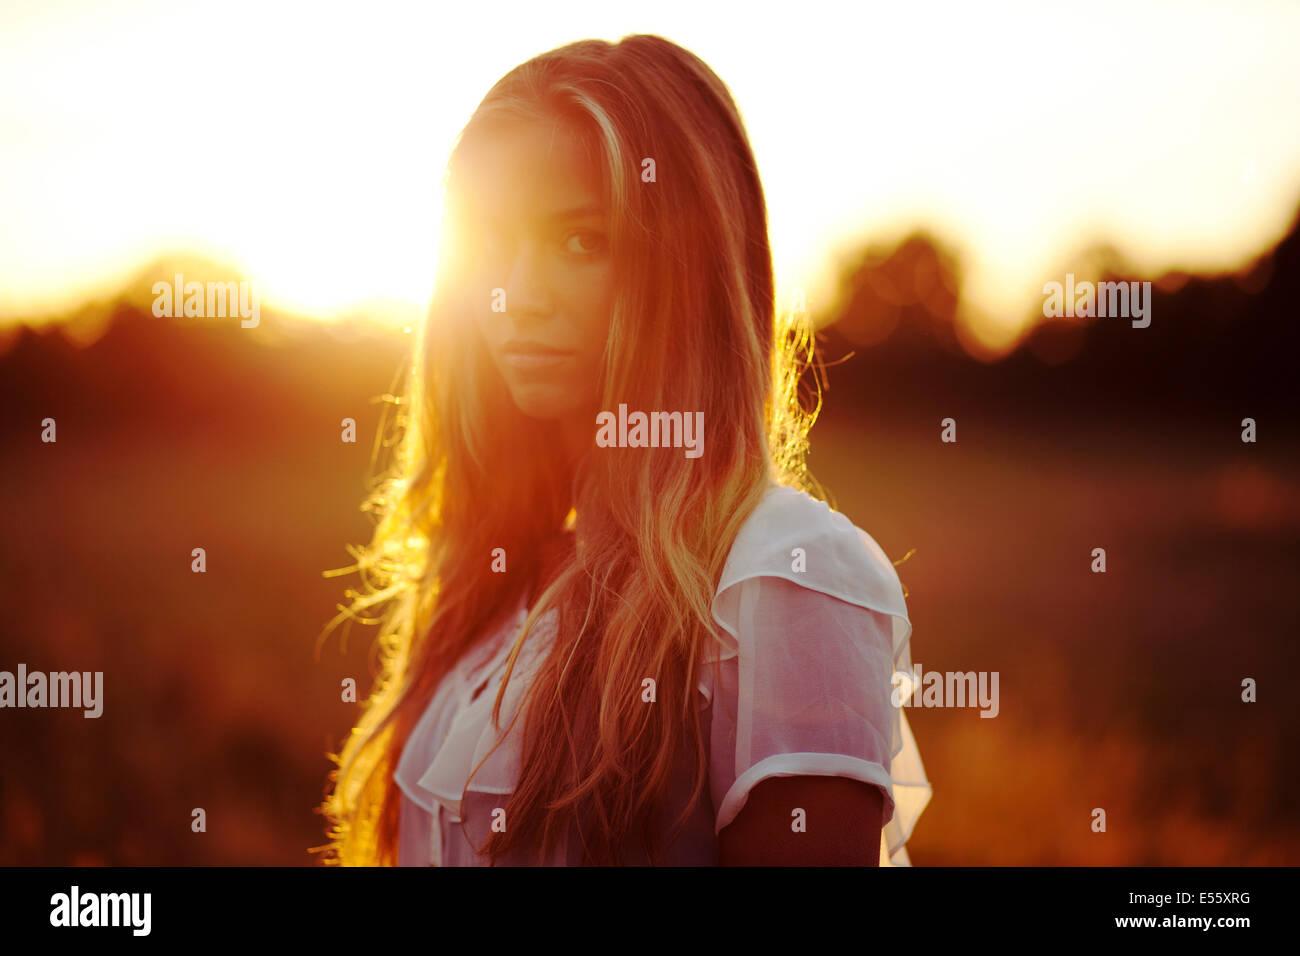 Retrato de una mujer joven con luz de fondo Imagen De Stock